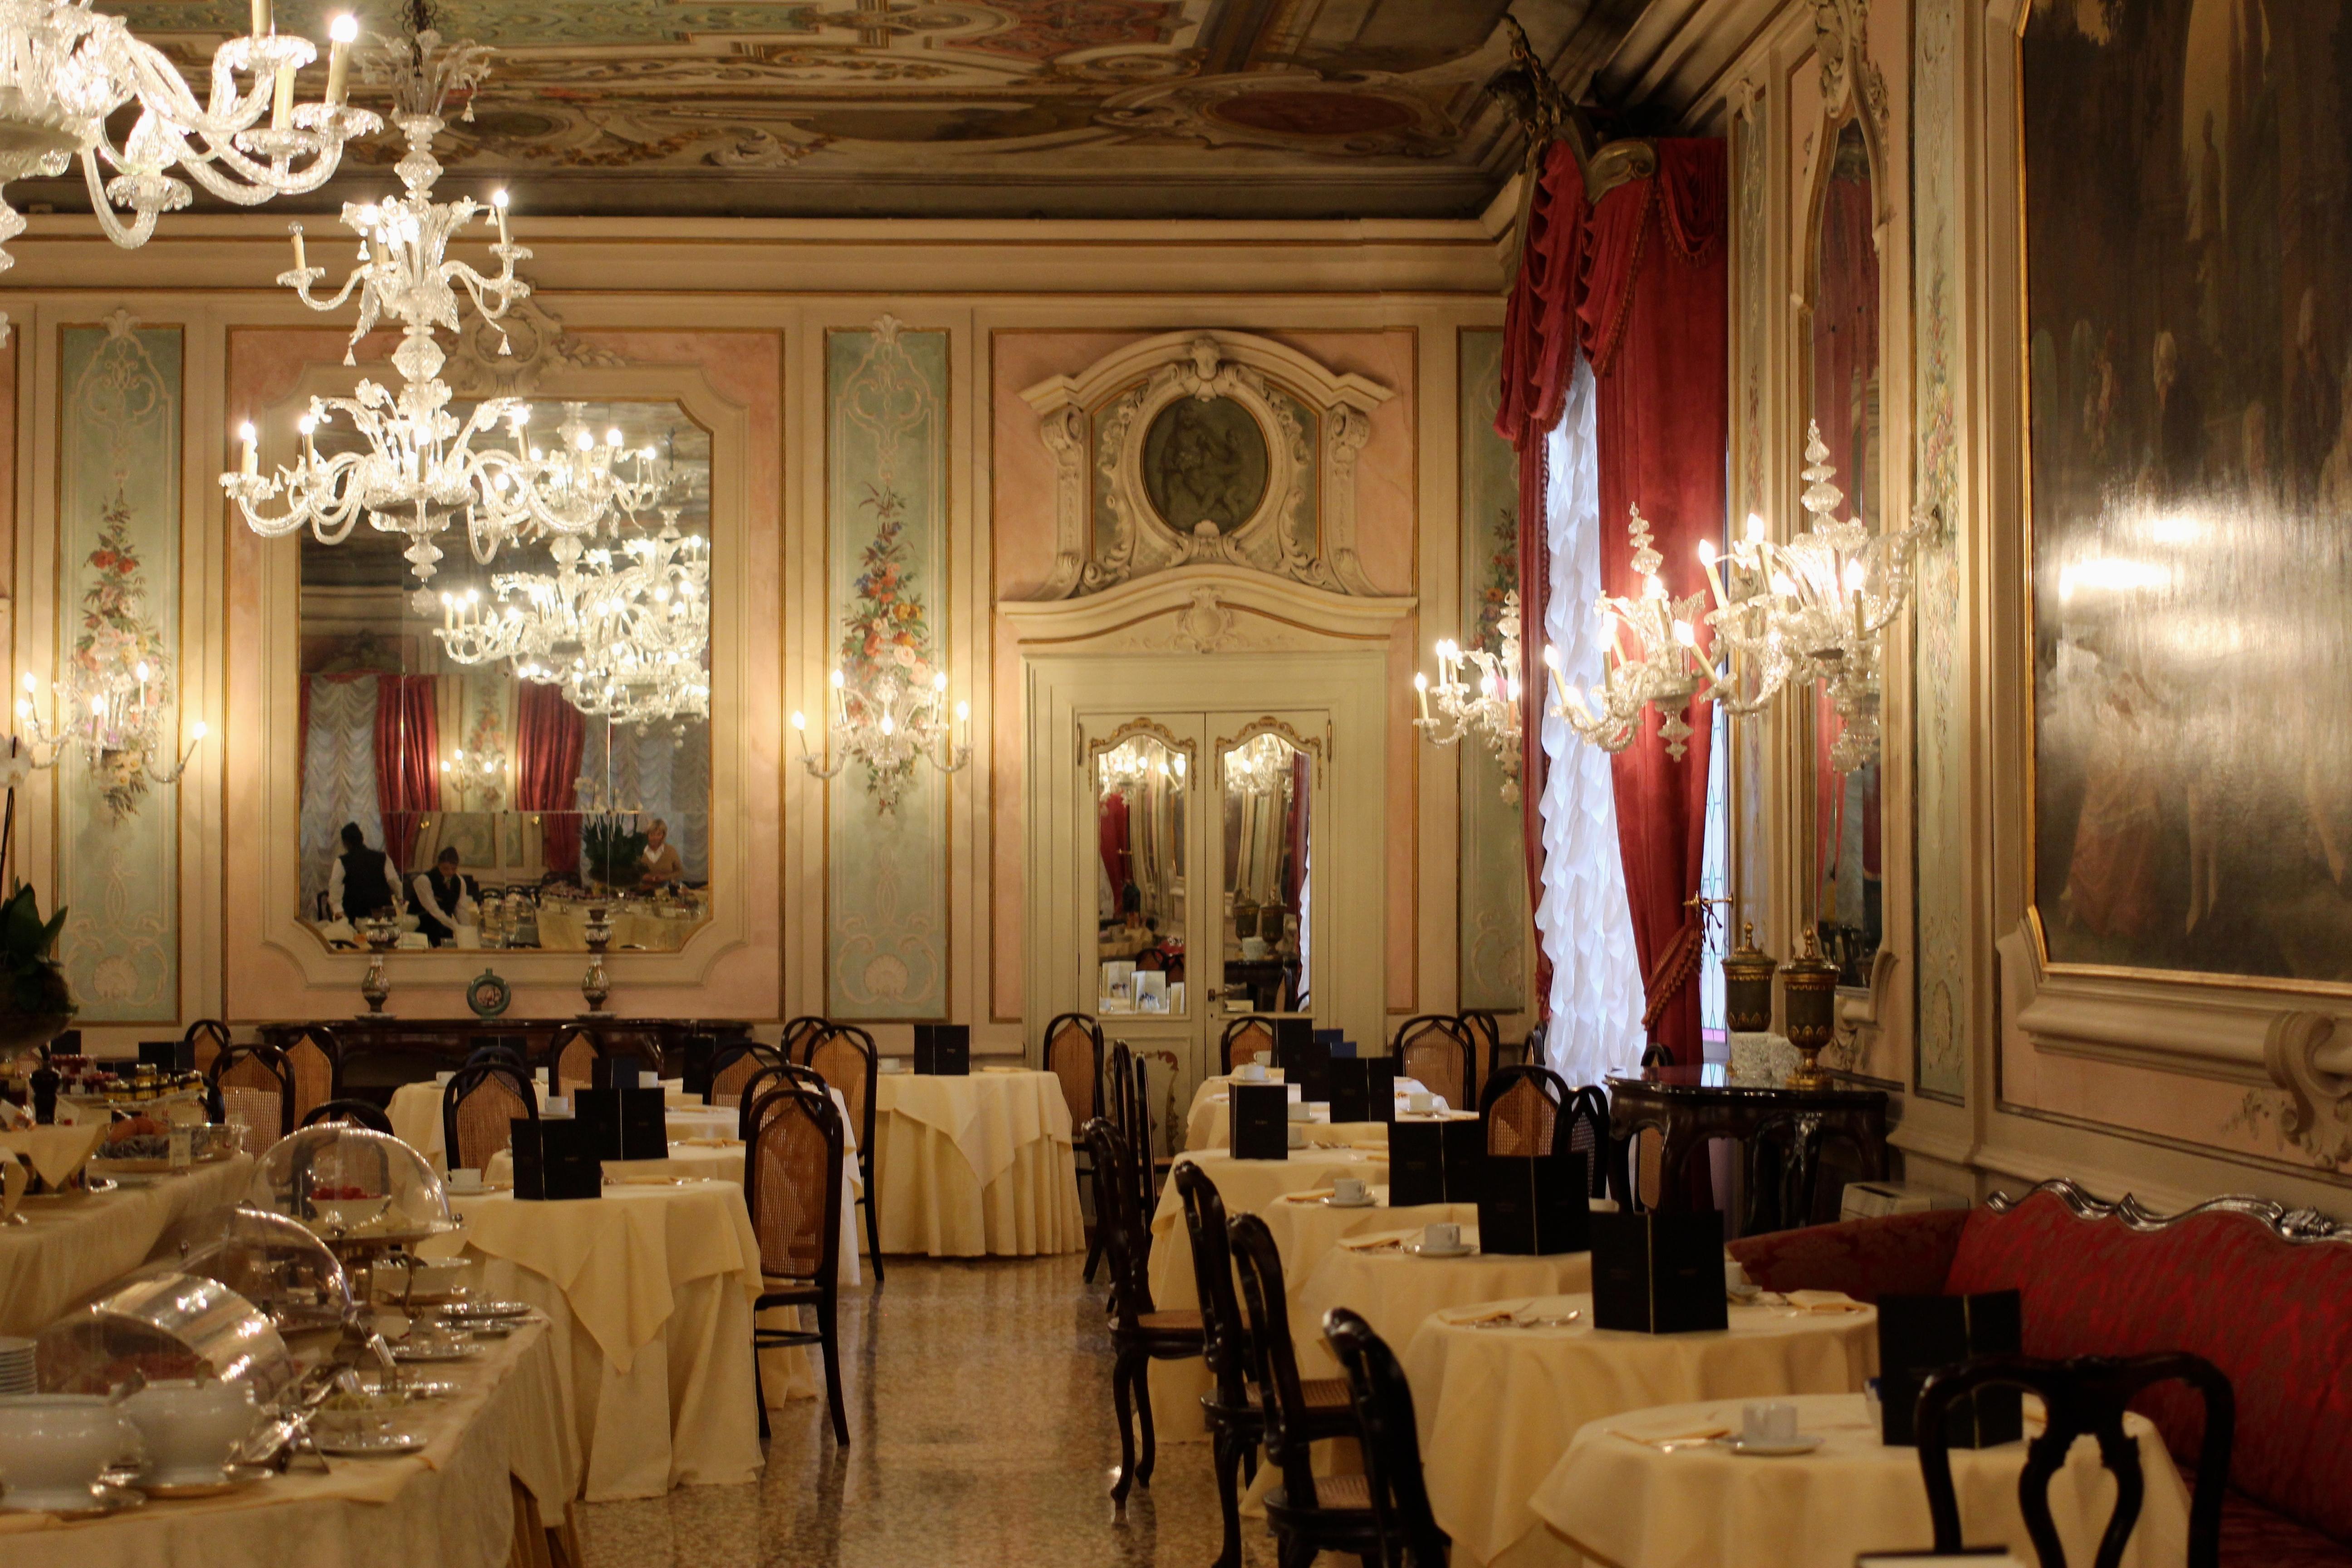 The Baglioni Hotel in Venice